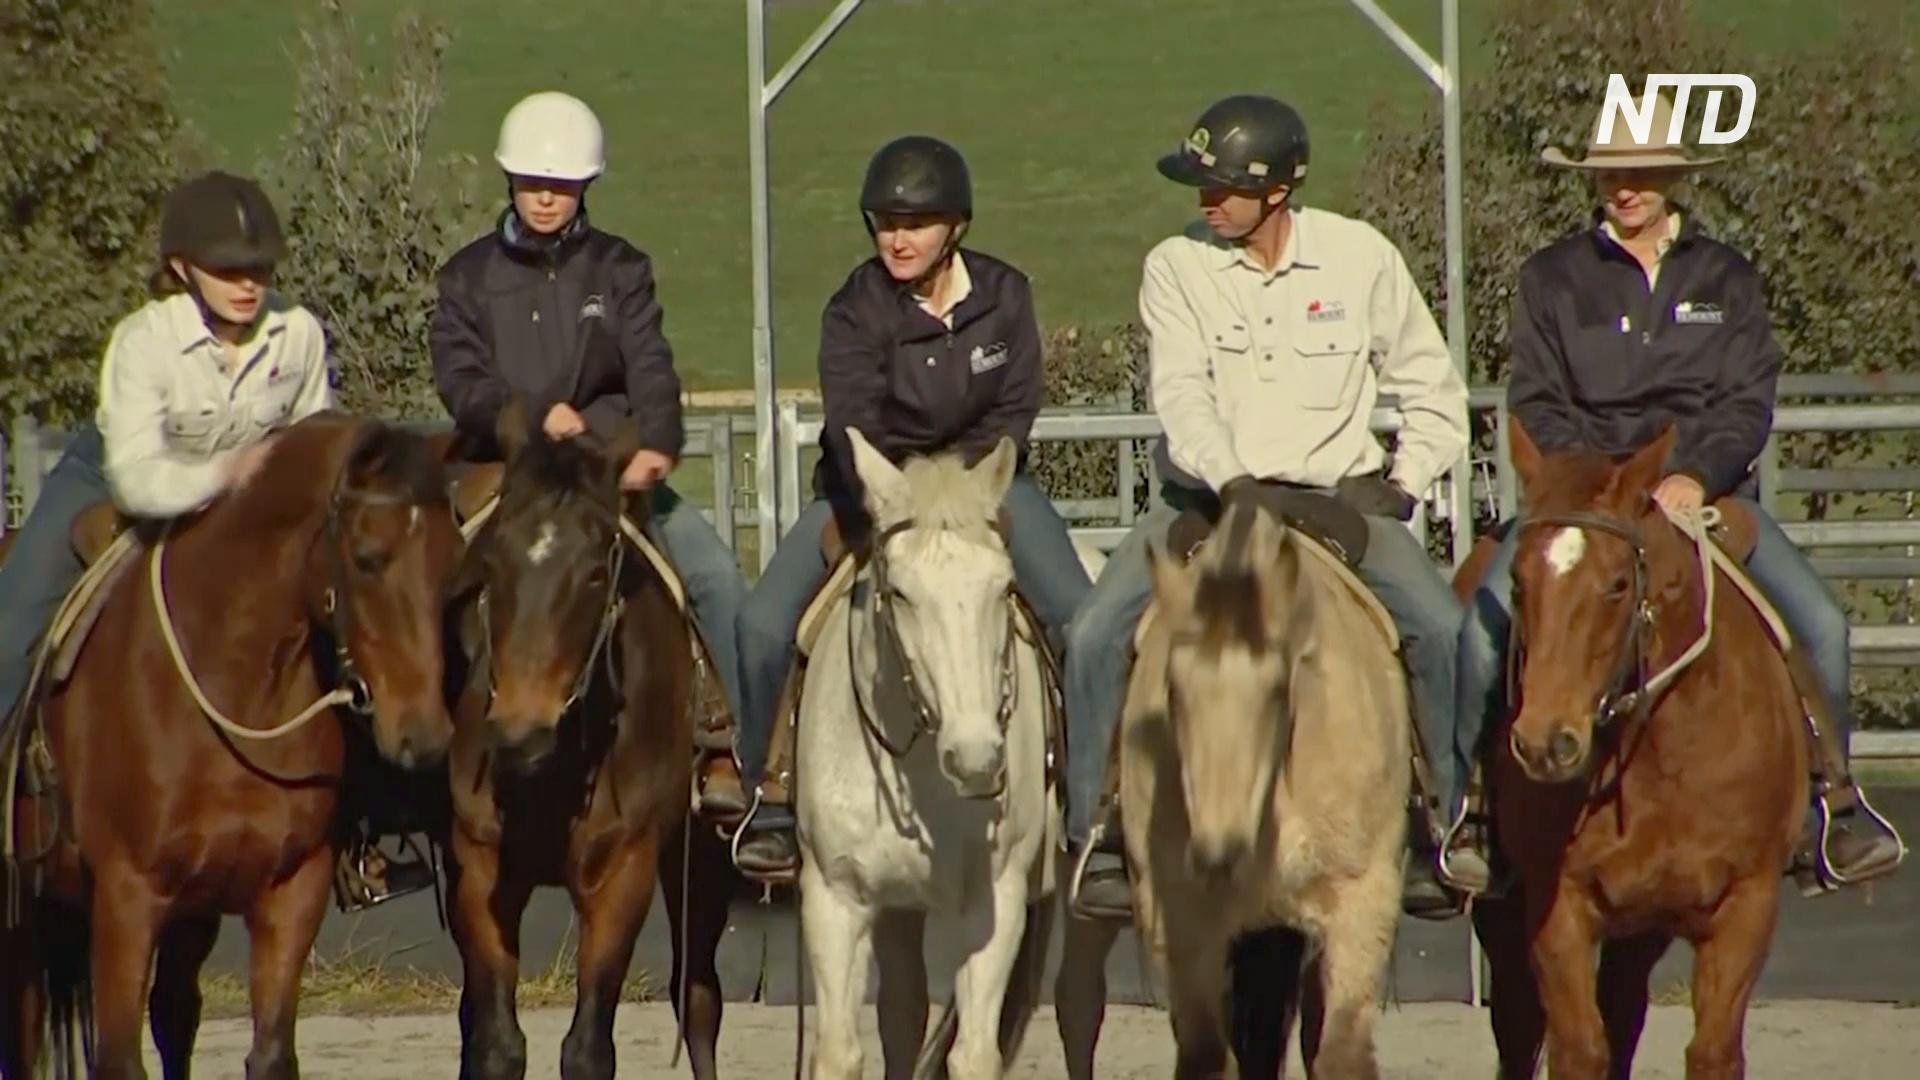 Лошади-терапевты помогают военным справиться с посттравматическим стрессовым расстройством